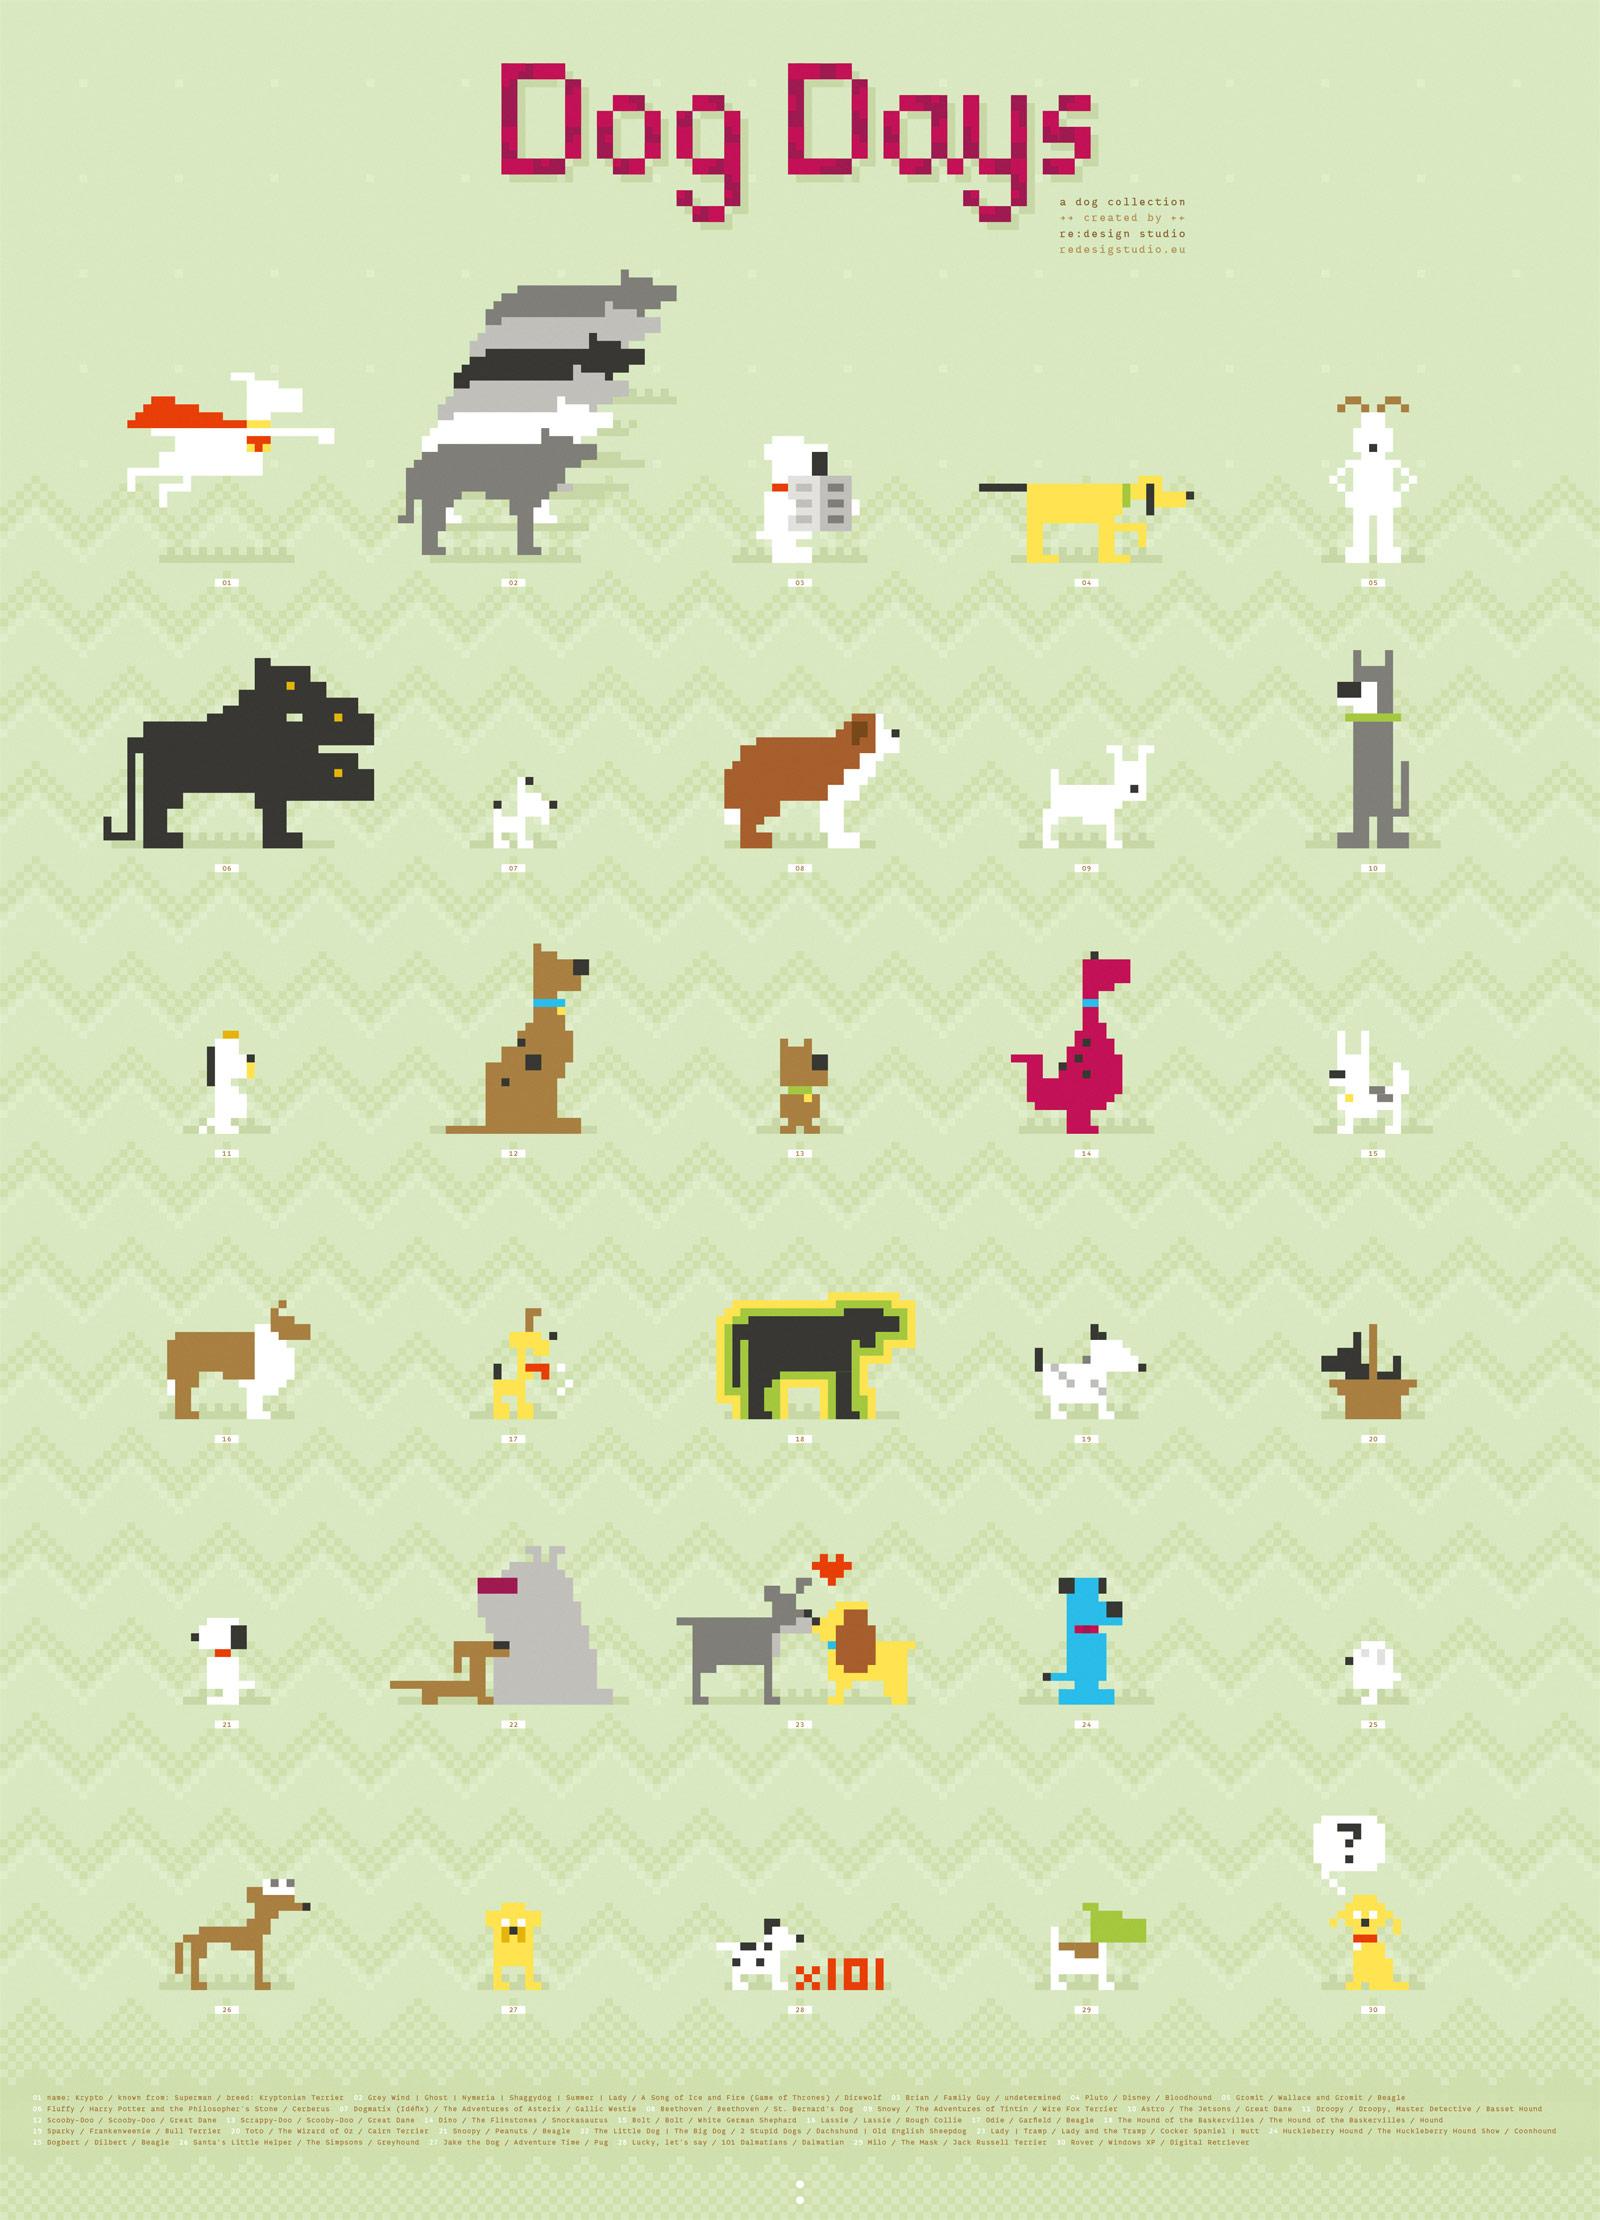 Drawn pug 8 bit 8 Animals dog zoeken Google